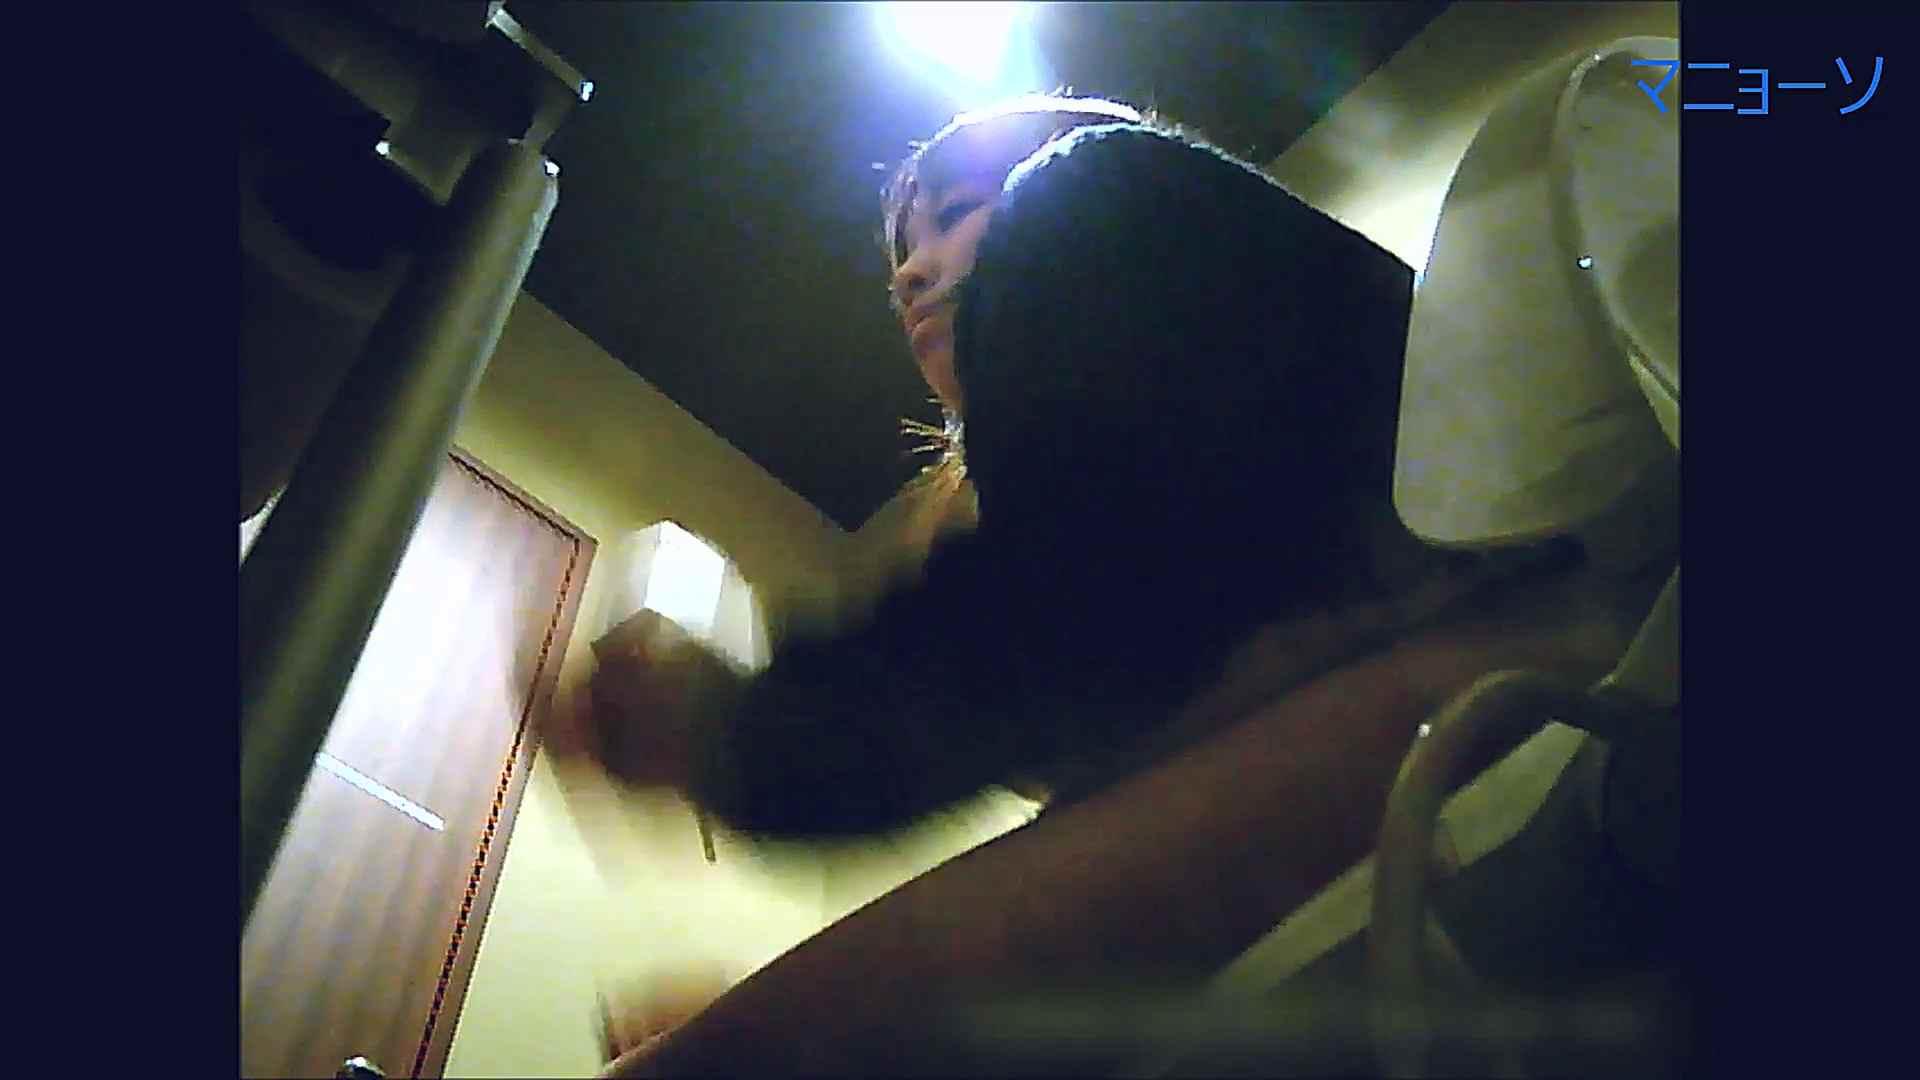 トイレでひと肌脱いでもらいました (JD編)Vol.05 トイレ | OLの実態  72pic 25